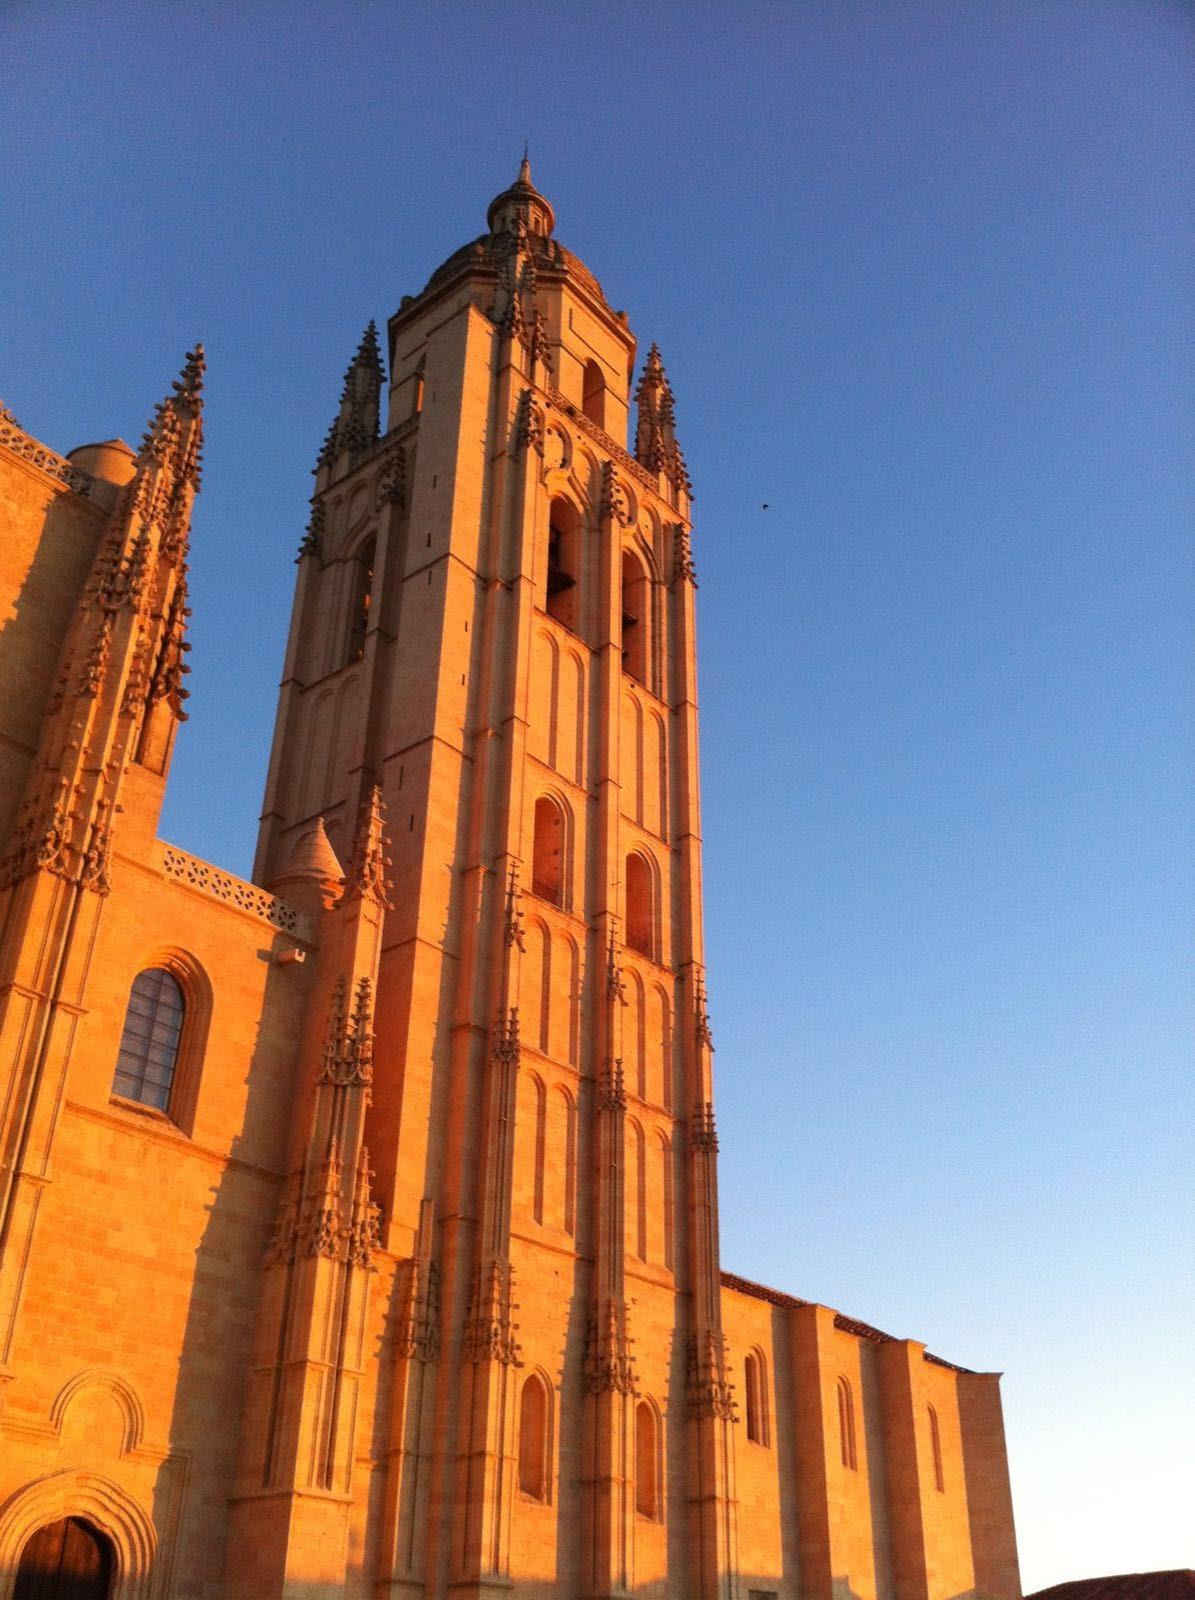 Free-Tour-Catedral-y-Alcazar-de-Segovia-1